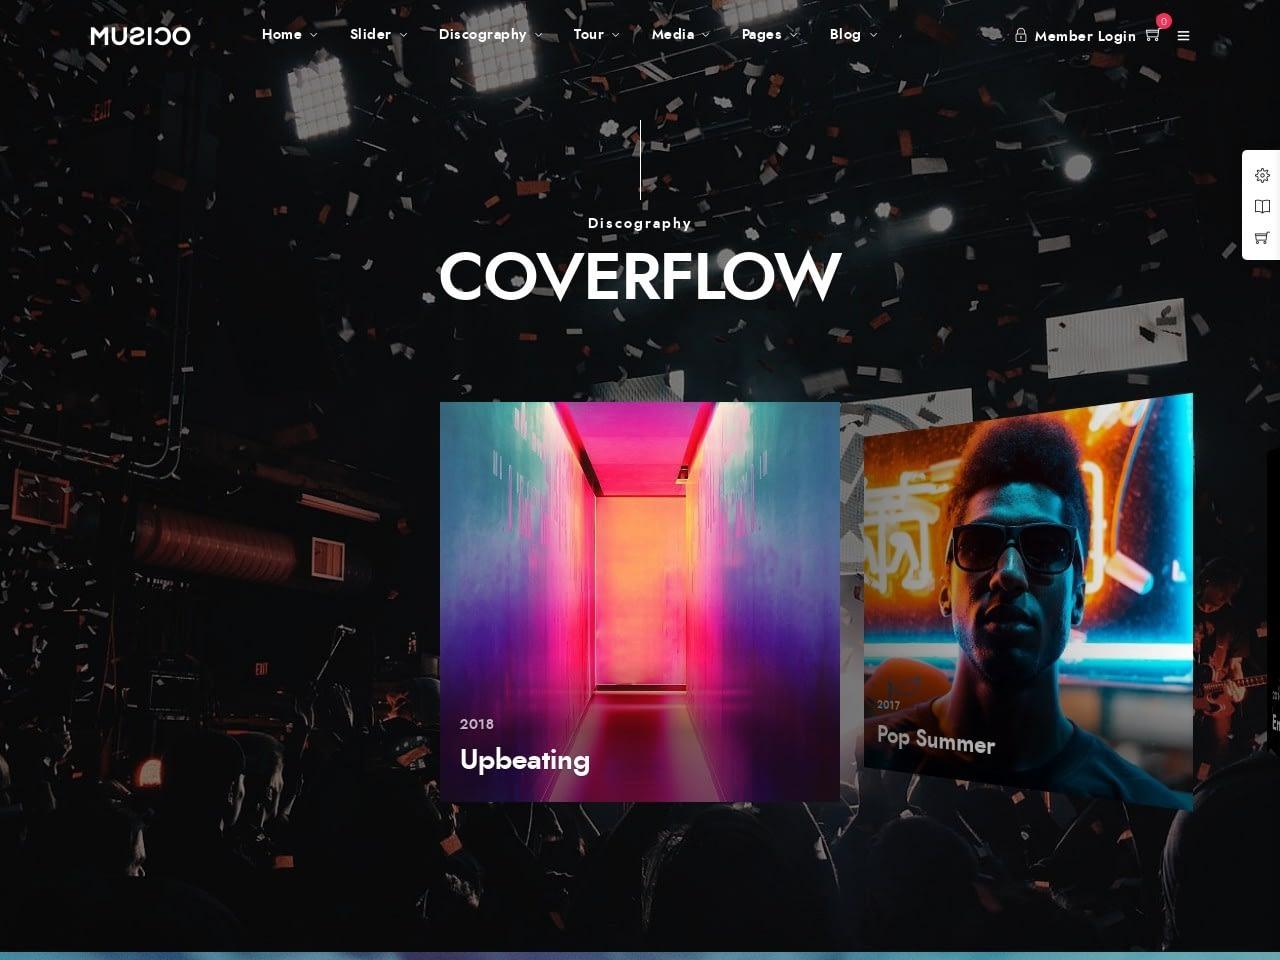 httpsthemesthemegoodscommusicodemodiscographycoverflow 1 - golivenow.uk